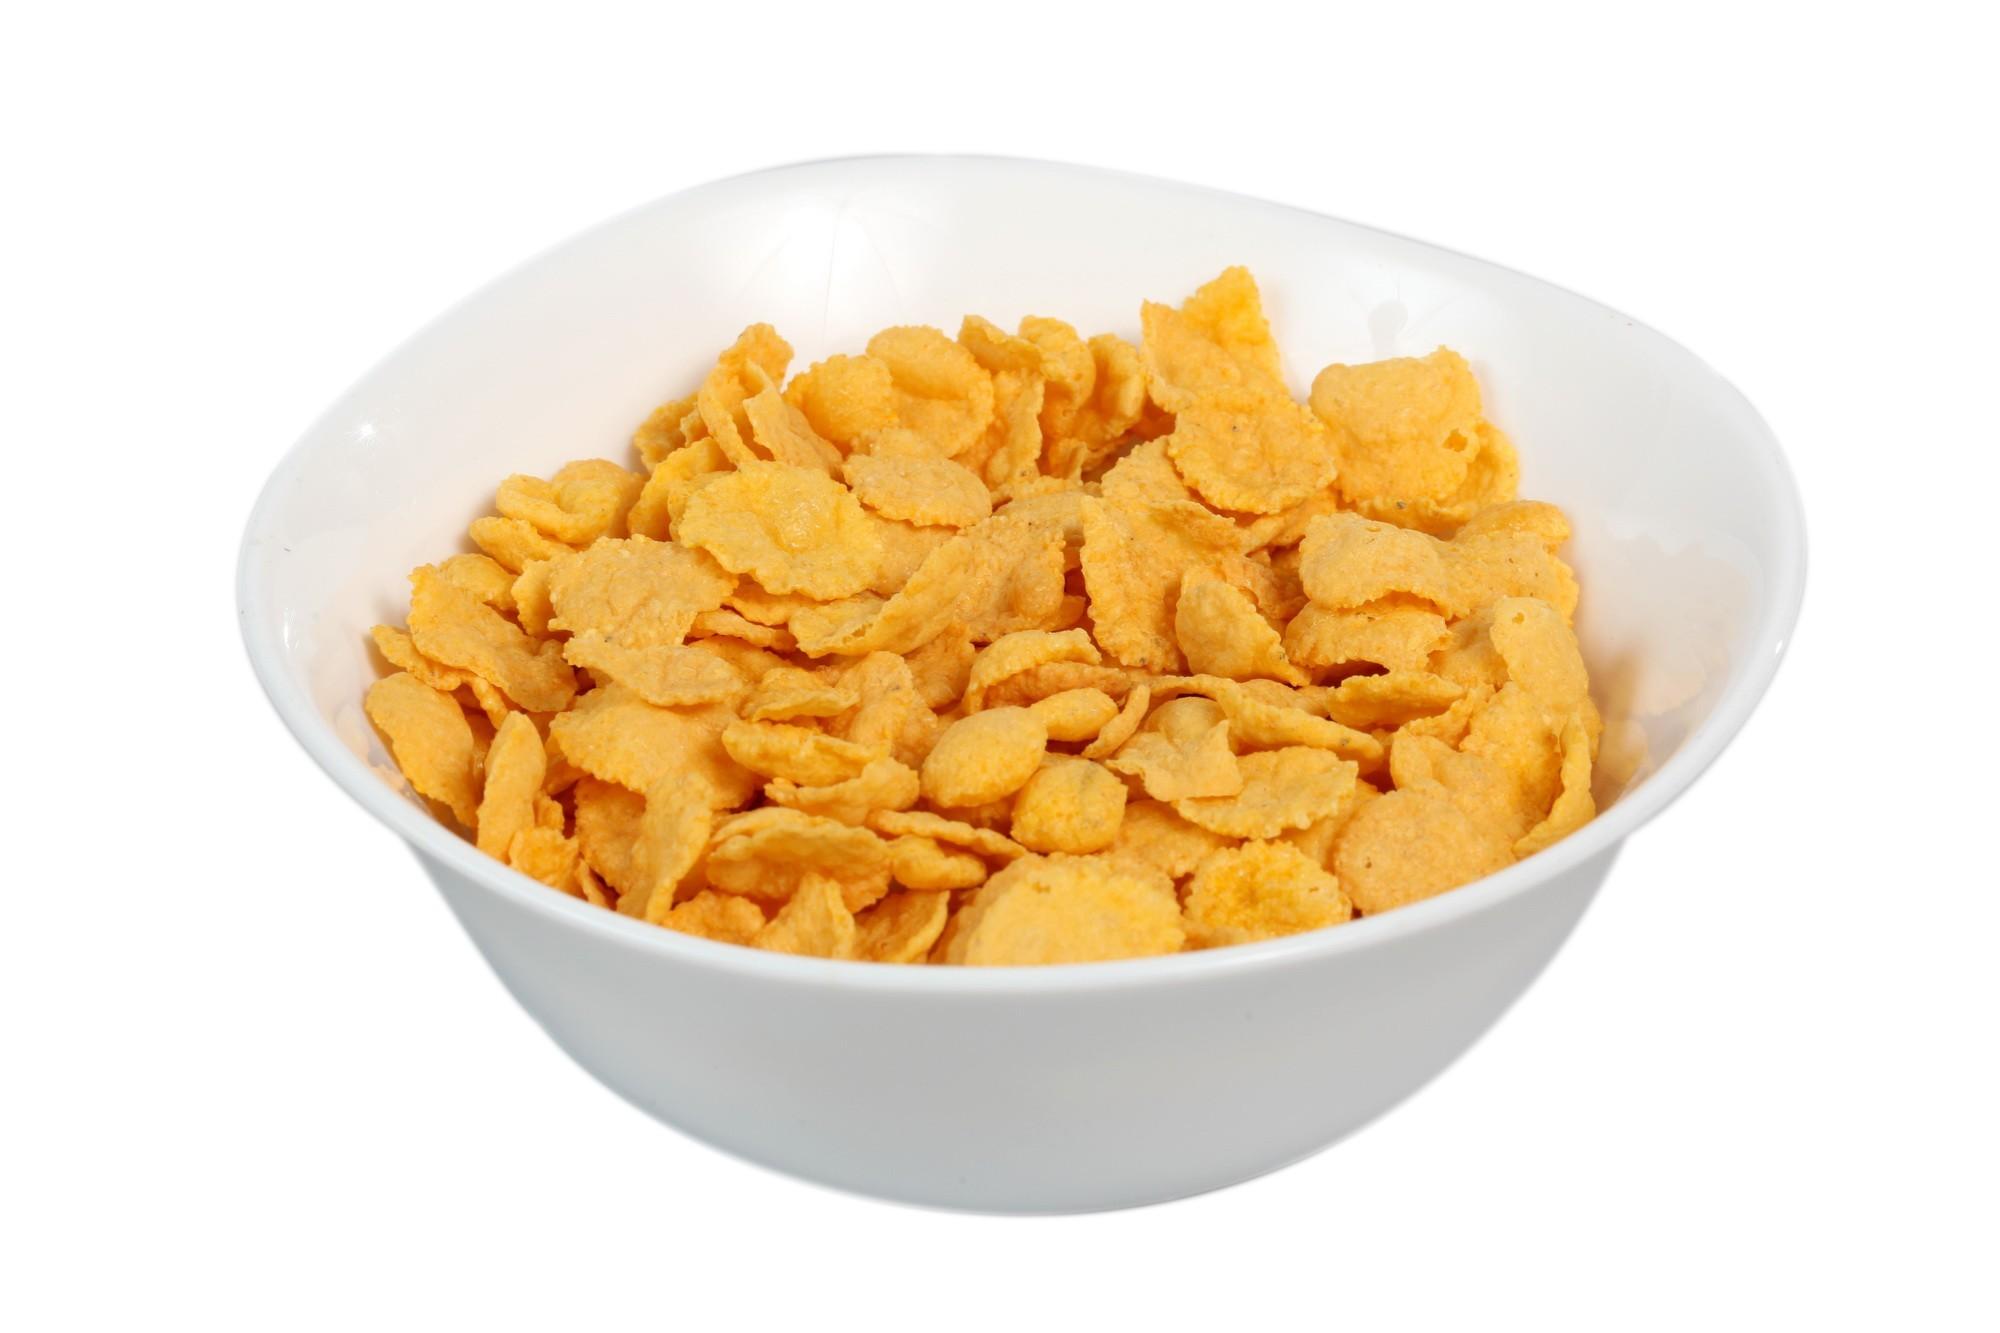 Cand cerealele fara zahar sunt recomandate pentru micul dejun